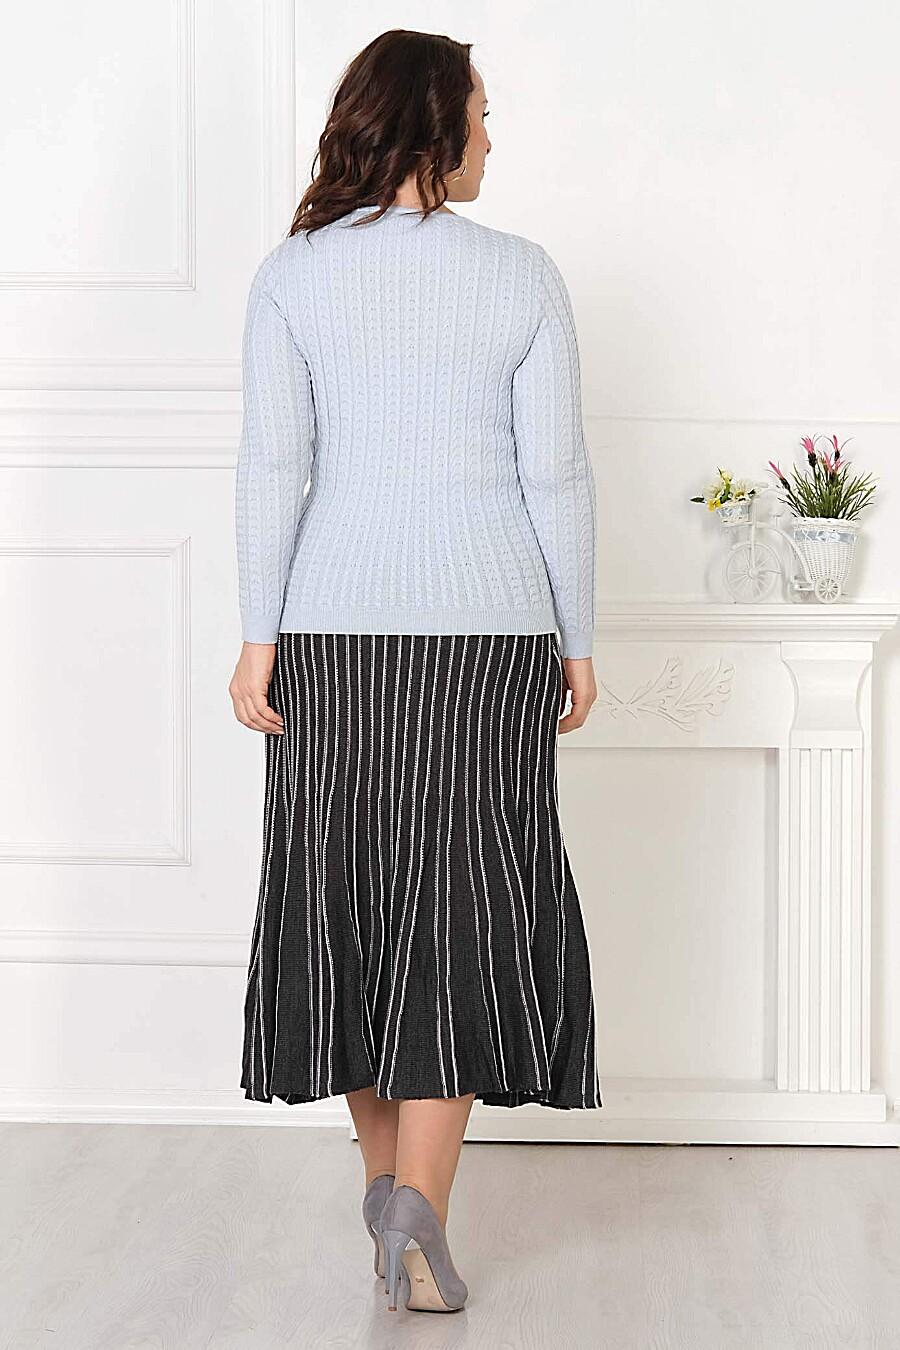 Джемпер для женщин ANKOLI 184584 купить оптом от производителя. Совместная покупка женской одежды в OptMoyo